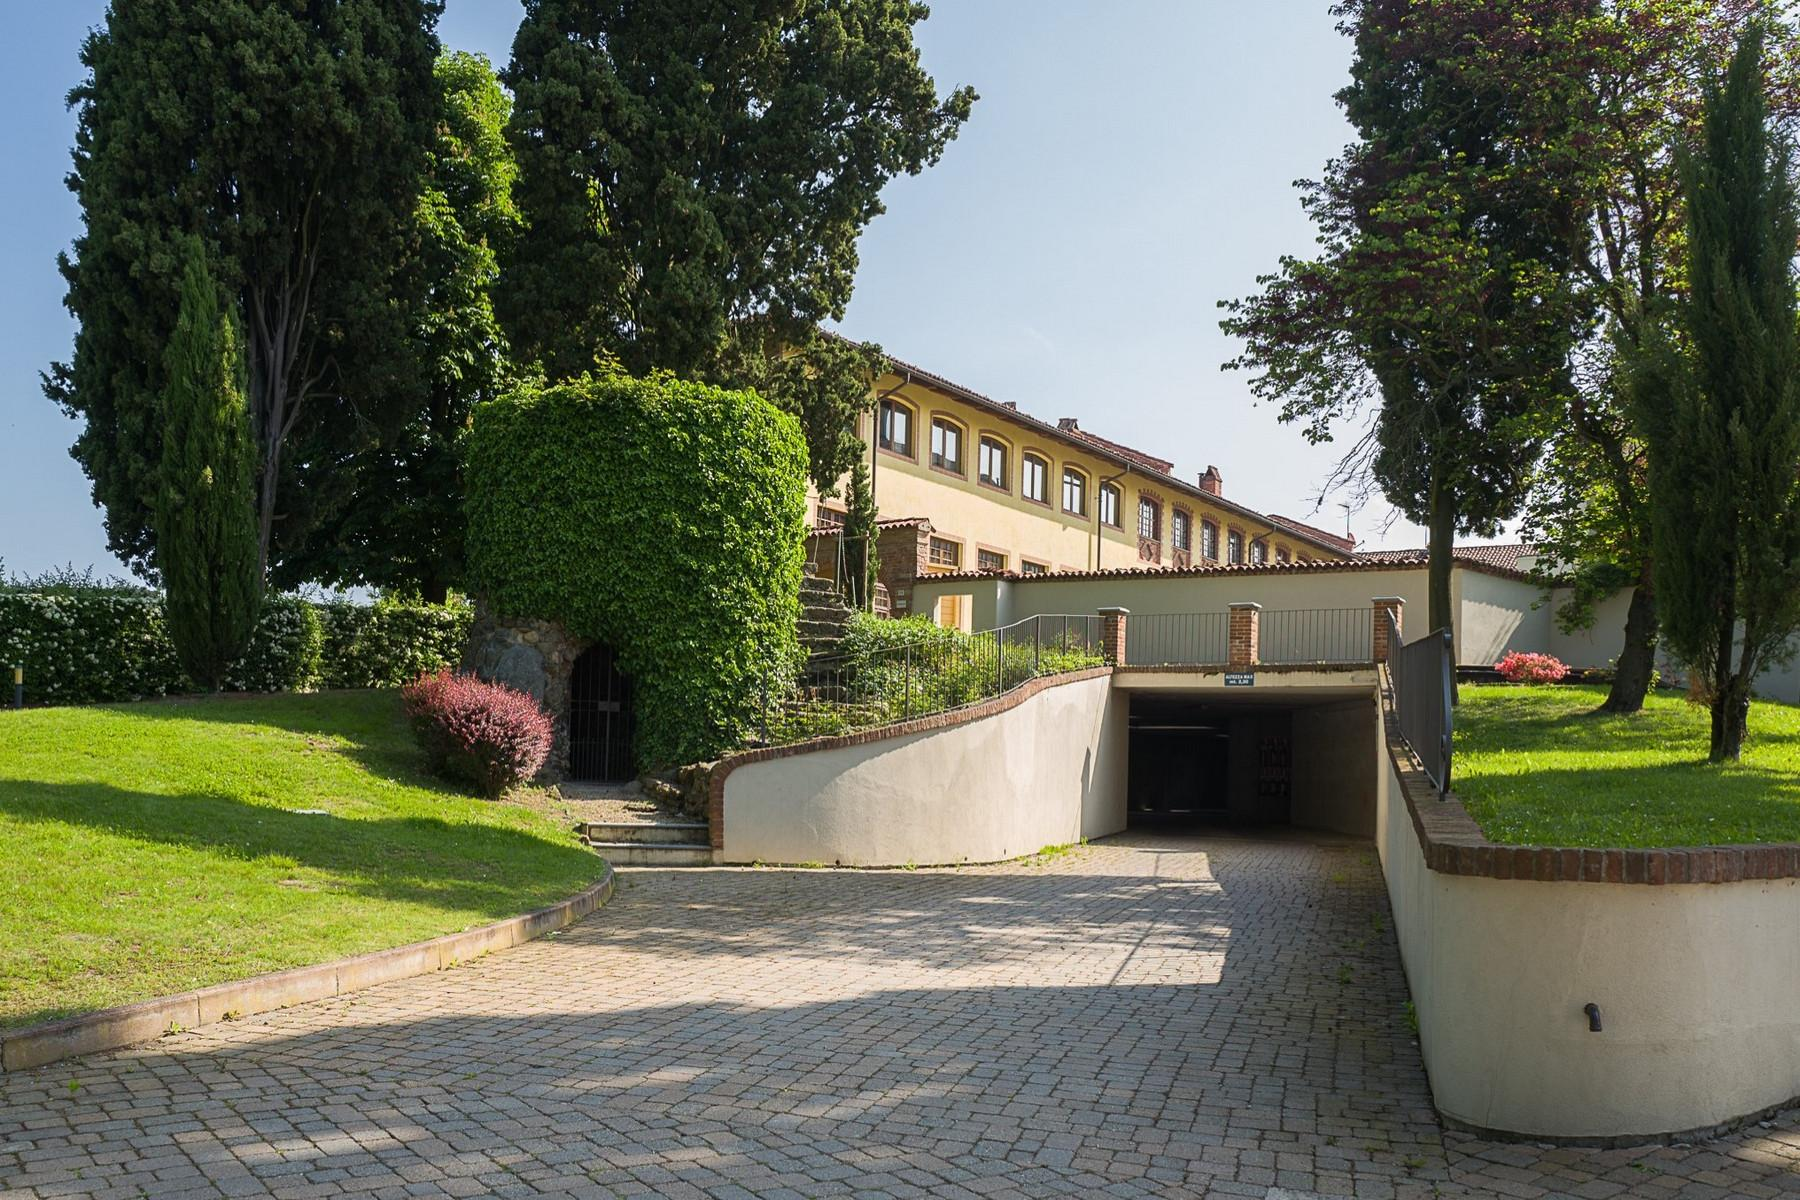 位于d'epoca a Chieri小镇历史悠久别墅内的奢华公寓 - 20